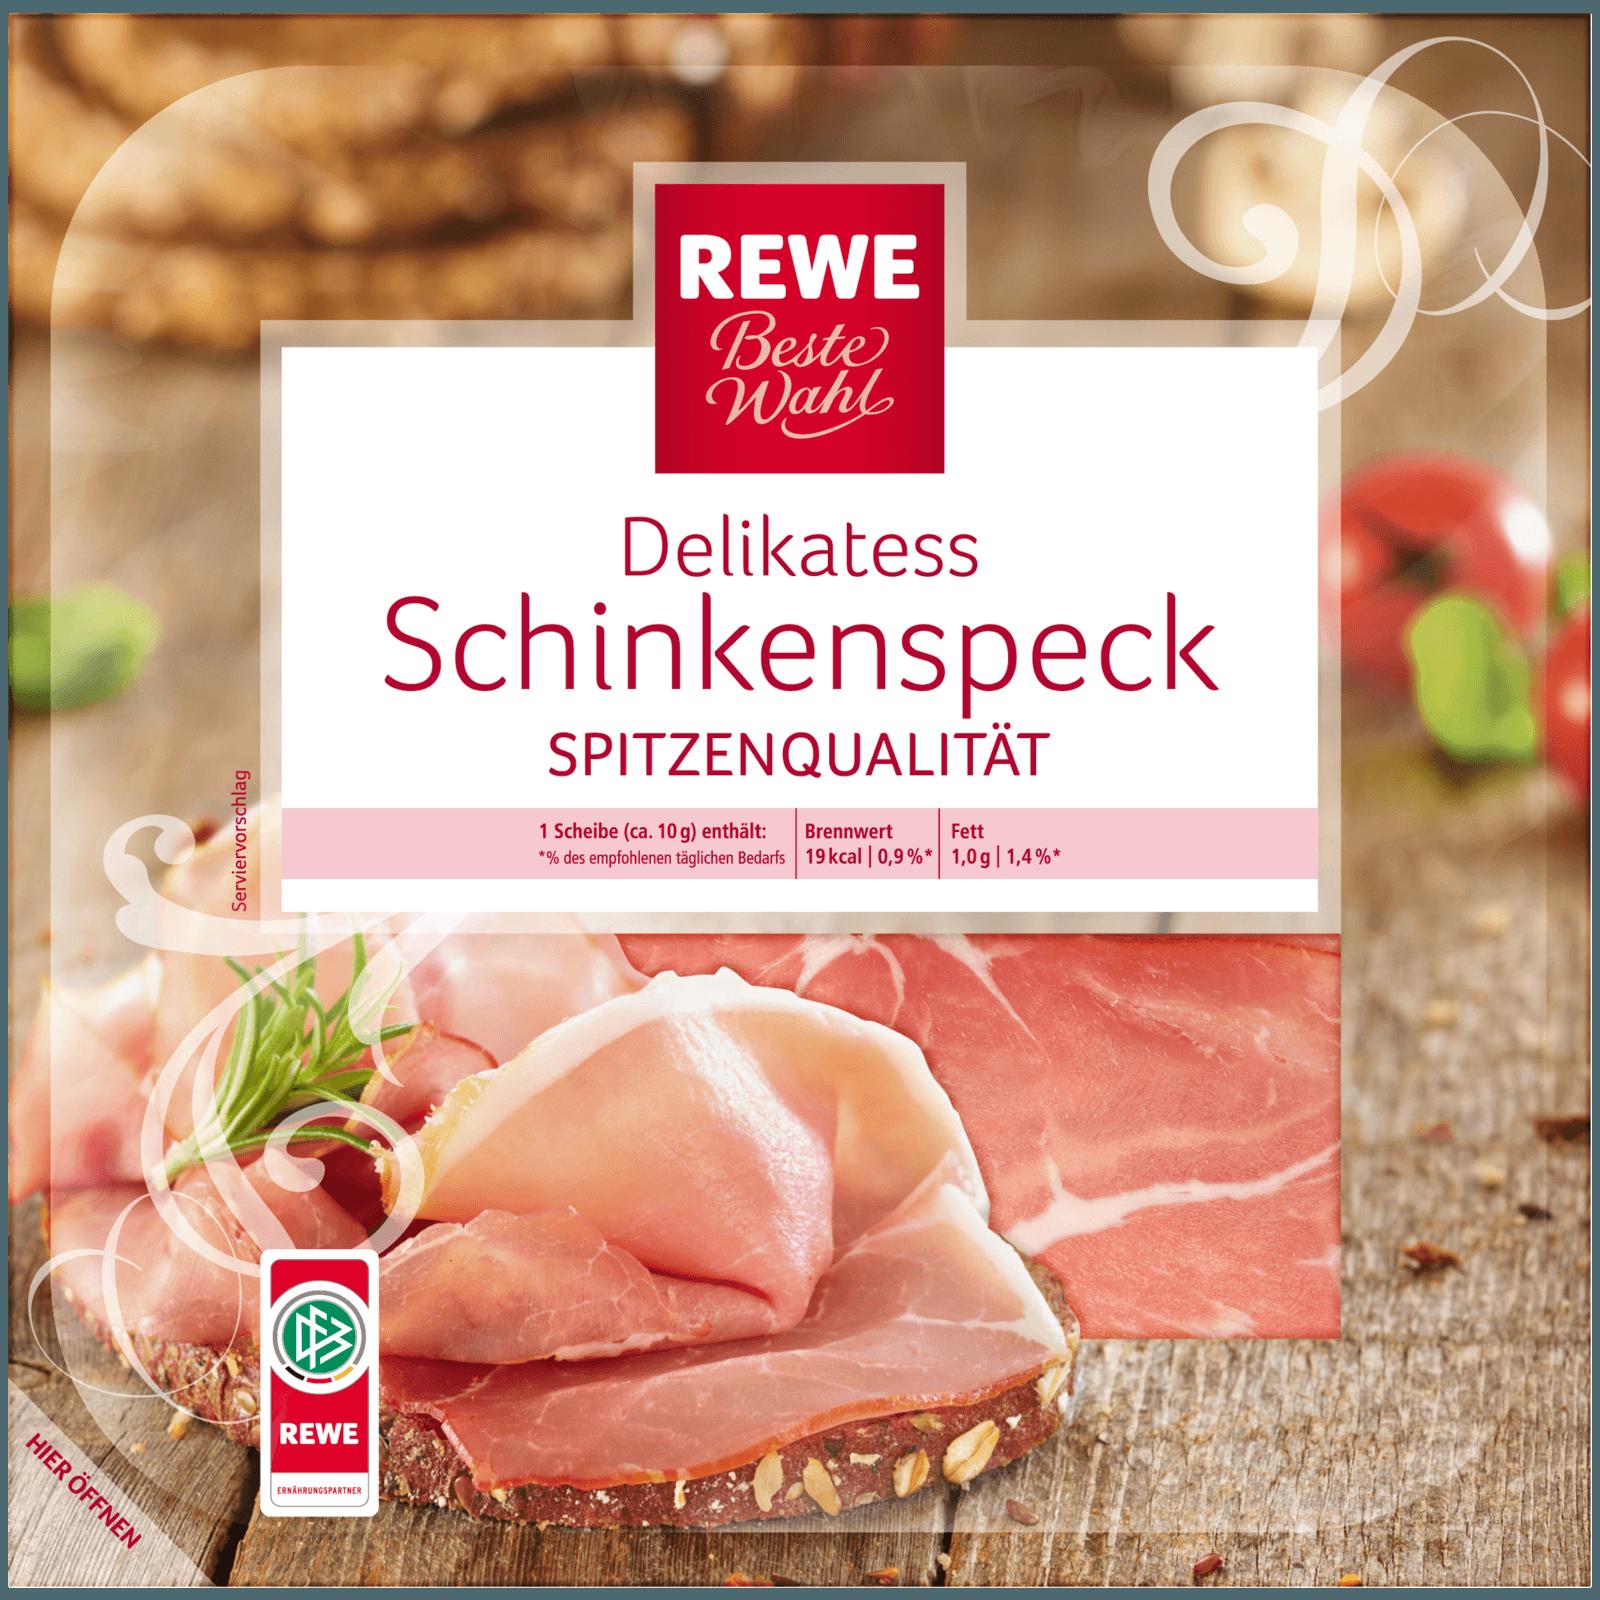 REWE Beste Wahl Schinkenspeck 100g